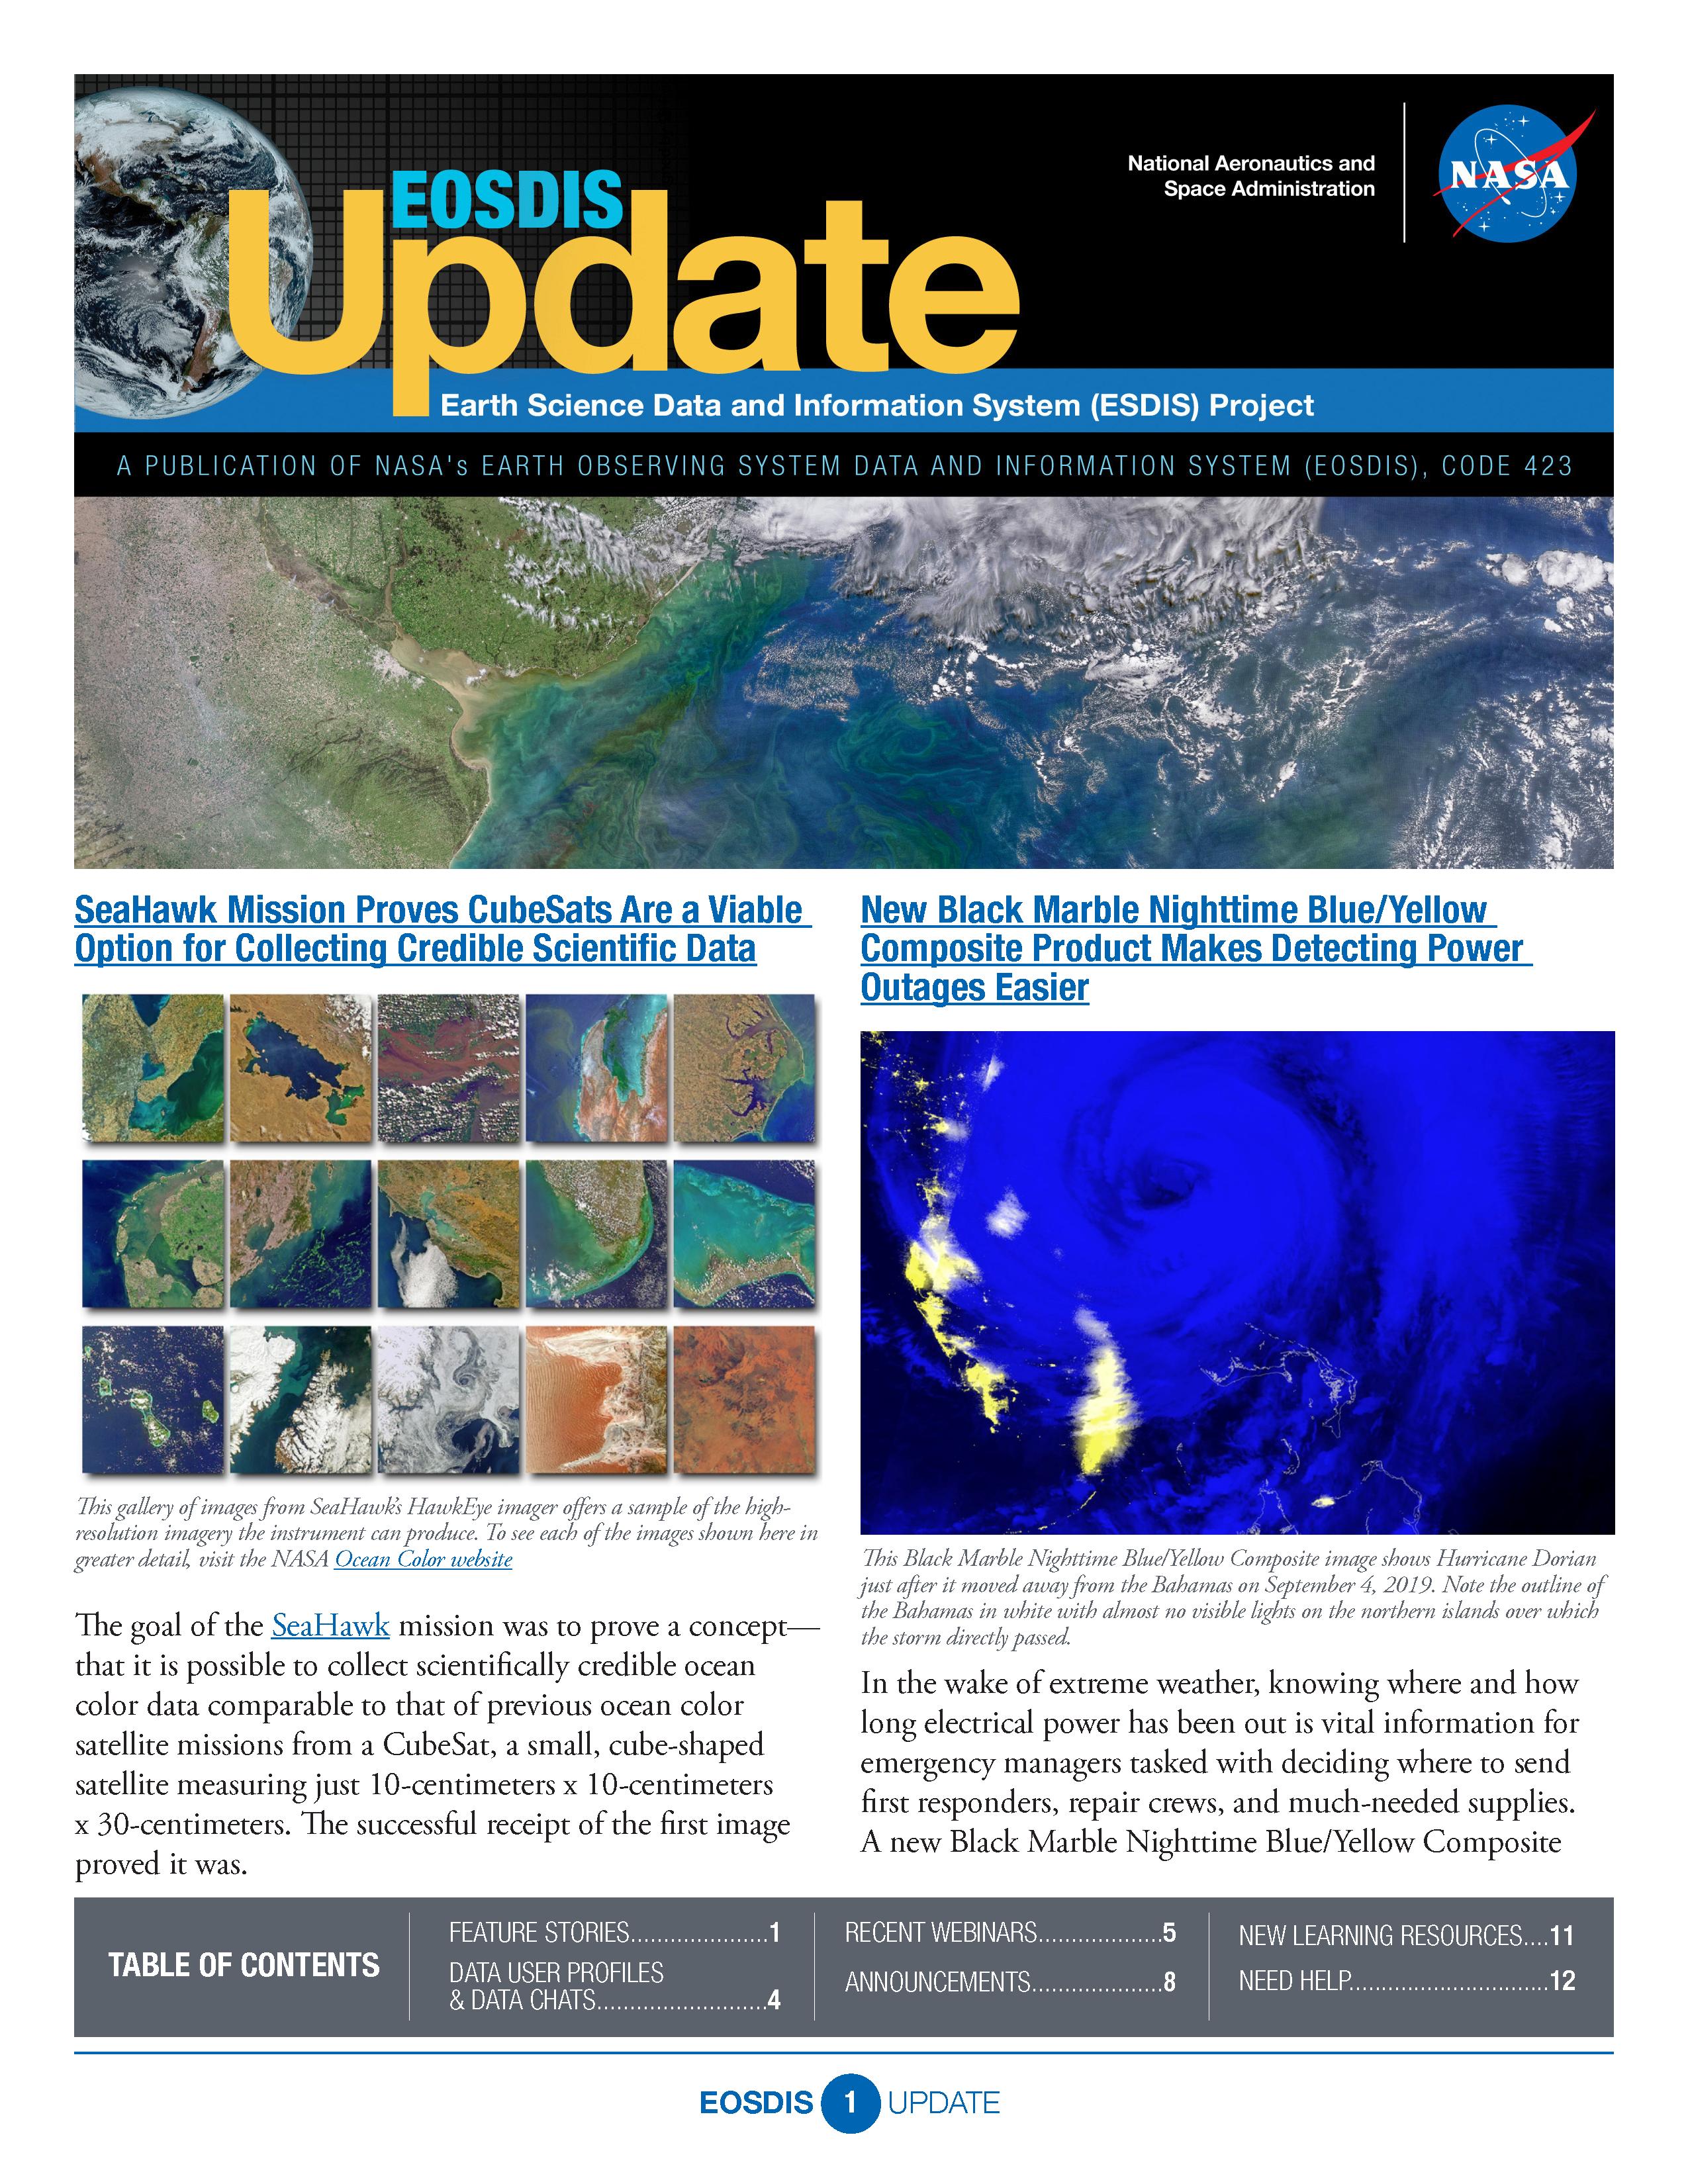 EOSDIS Quarterly Update- Summer 2020 Newsletter Cover Image